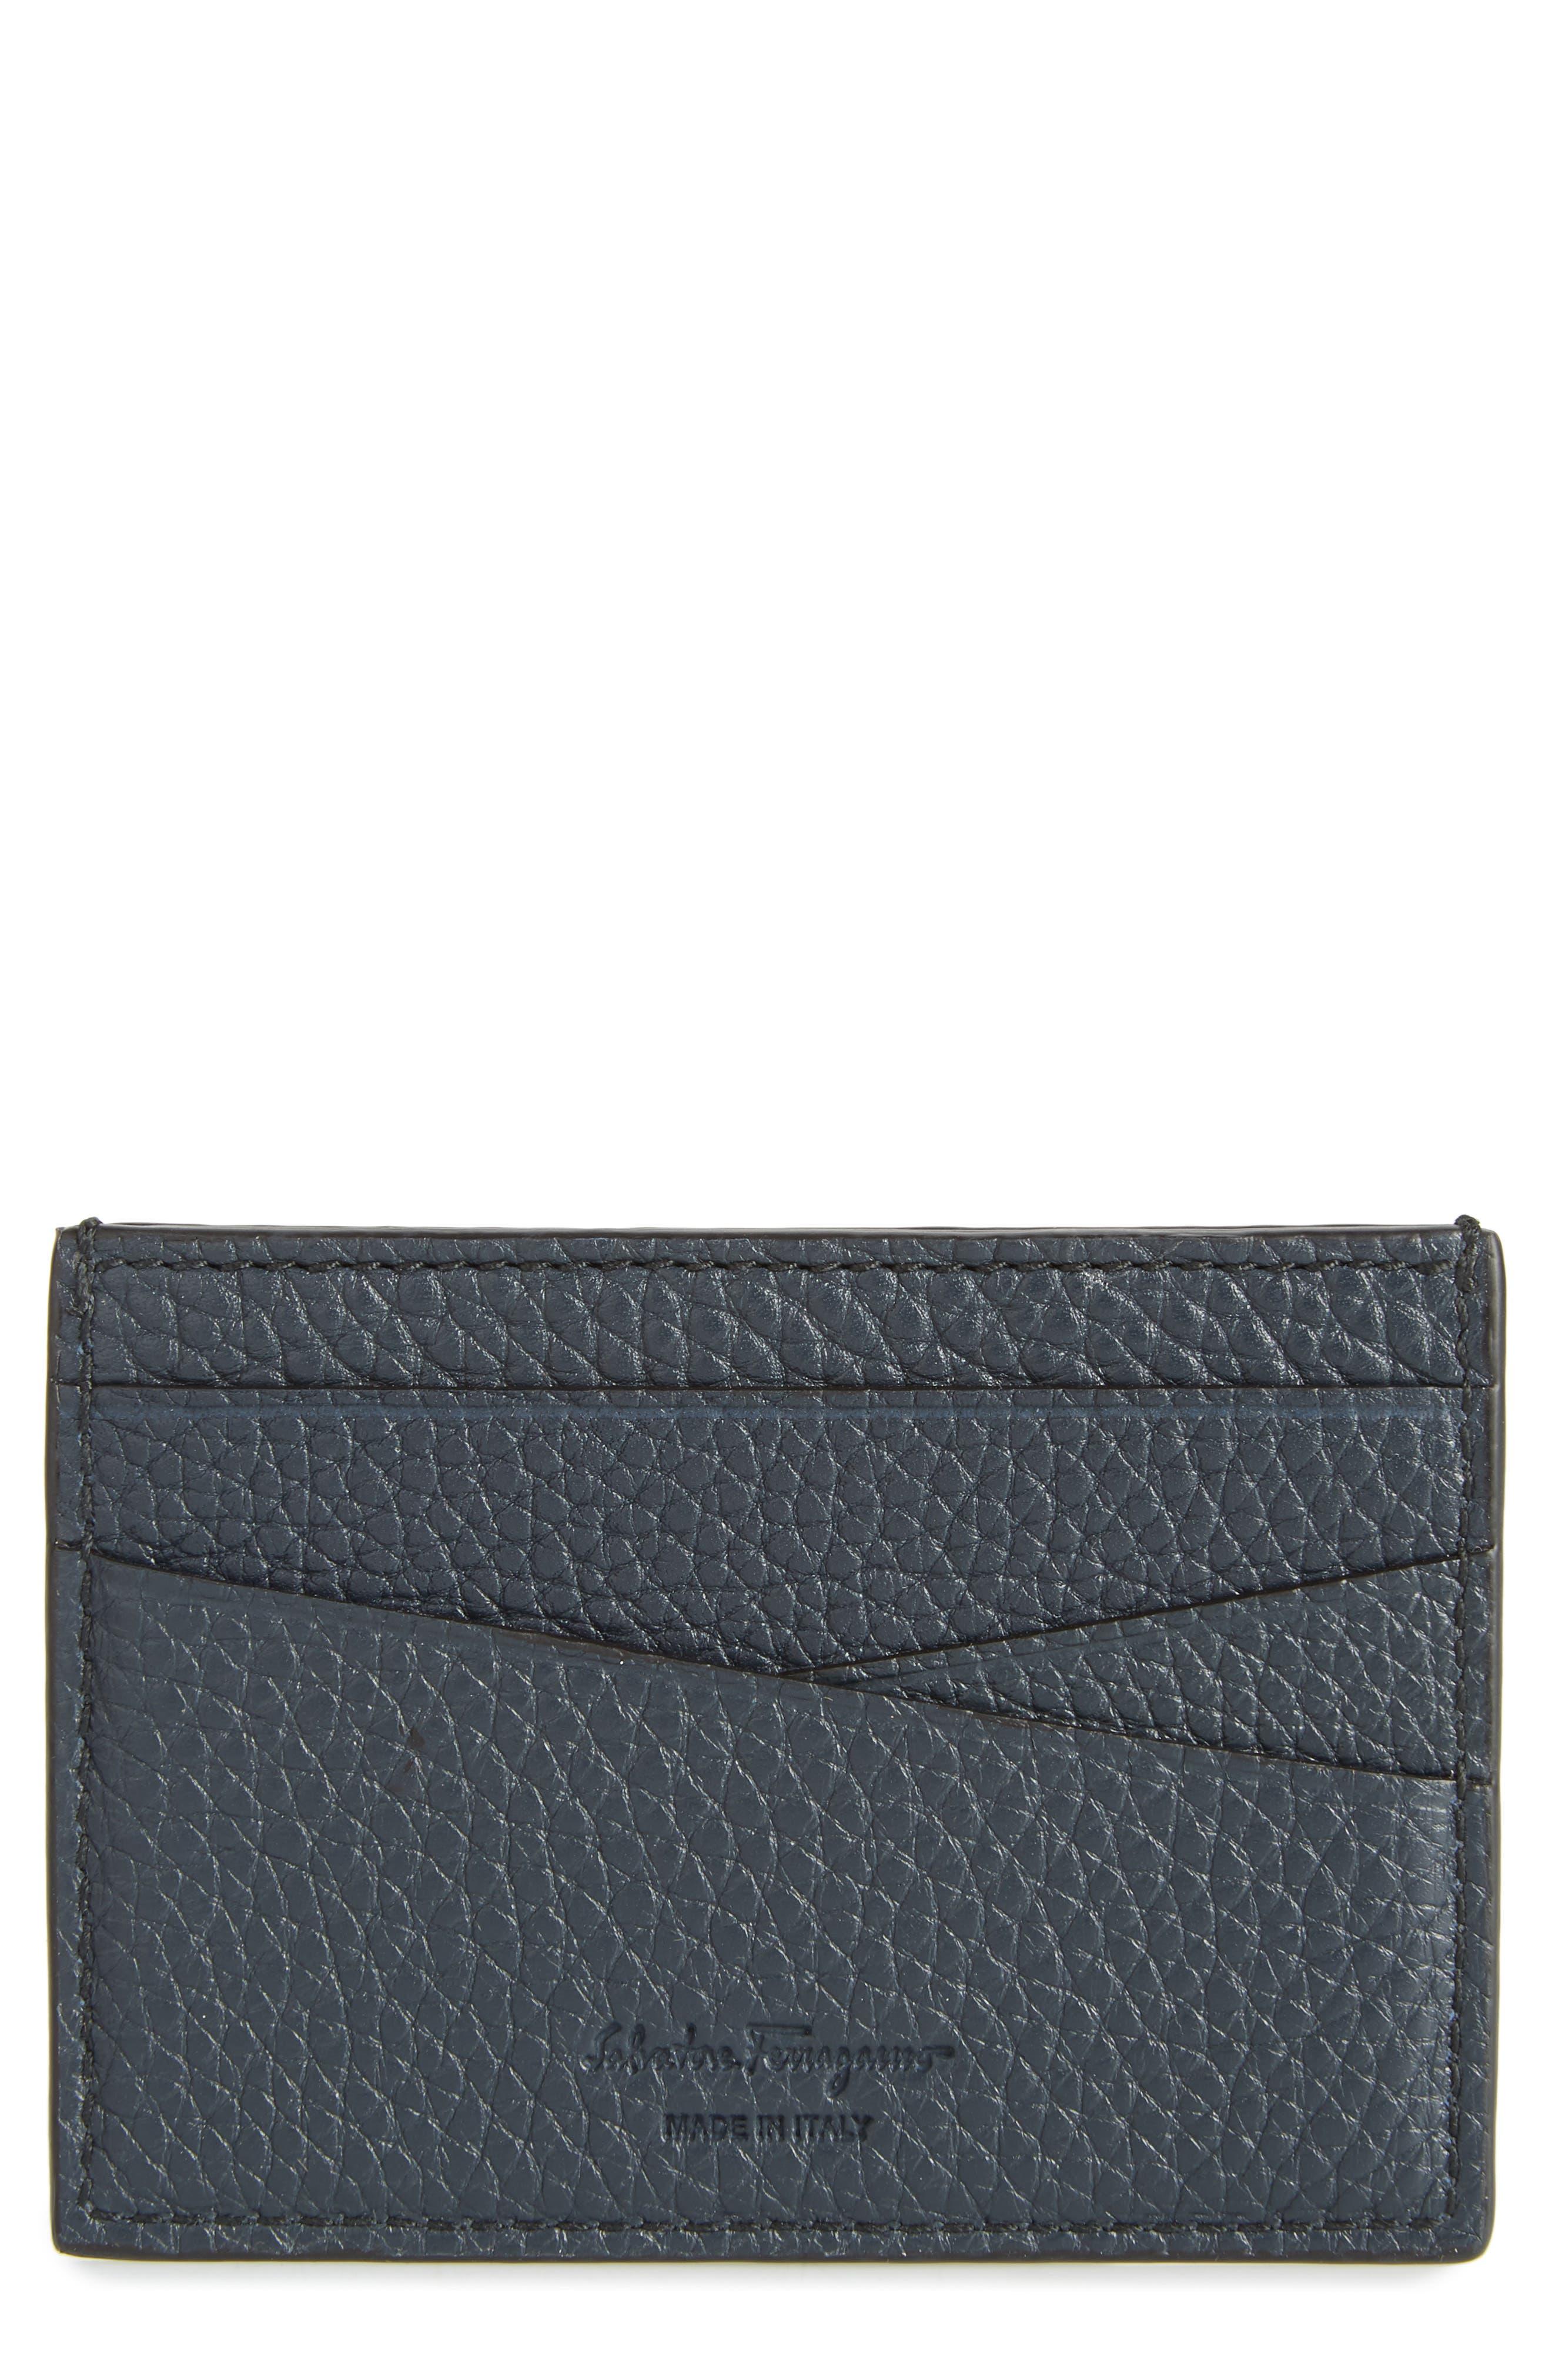 SALVATORE FERRAGAMO New Firenze Leather Card Case, Main, color, NAVY/NERO